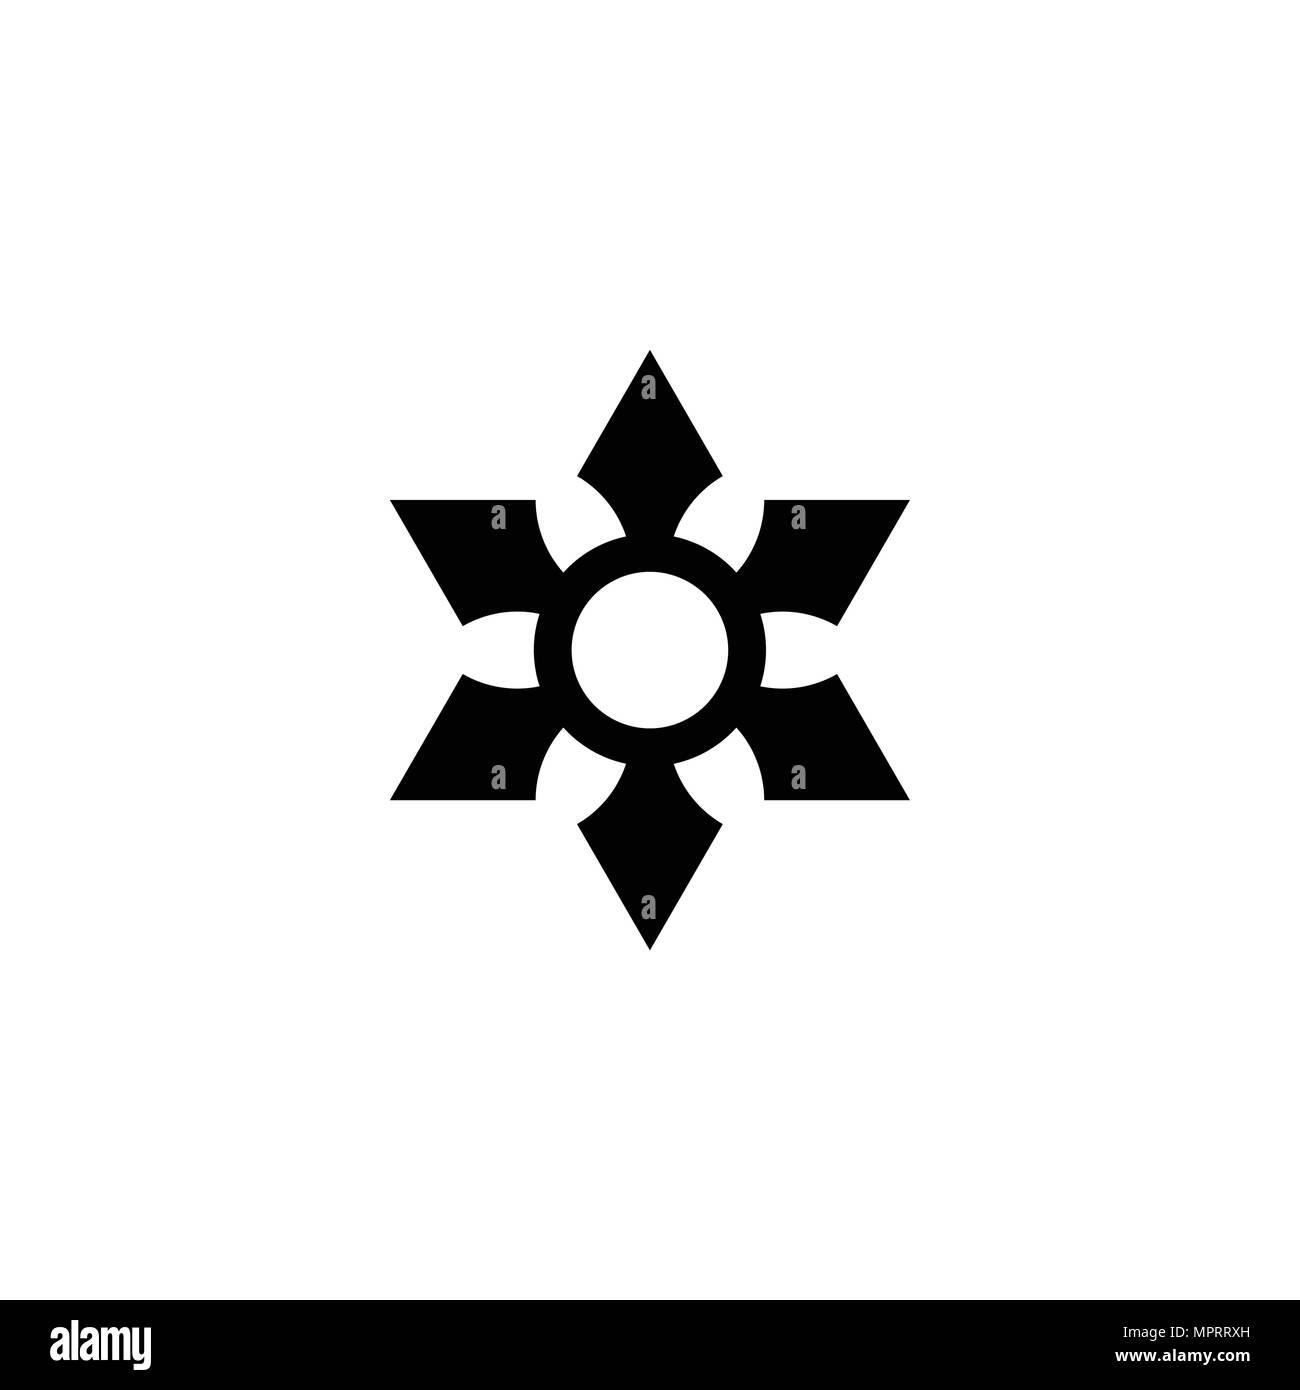 a7c5d89c4c7ce circle with arrow, Star arrow logo vector Stock Vector Art ...